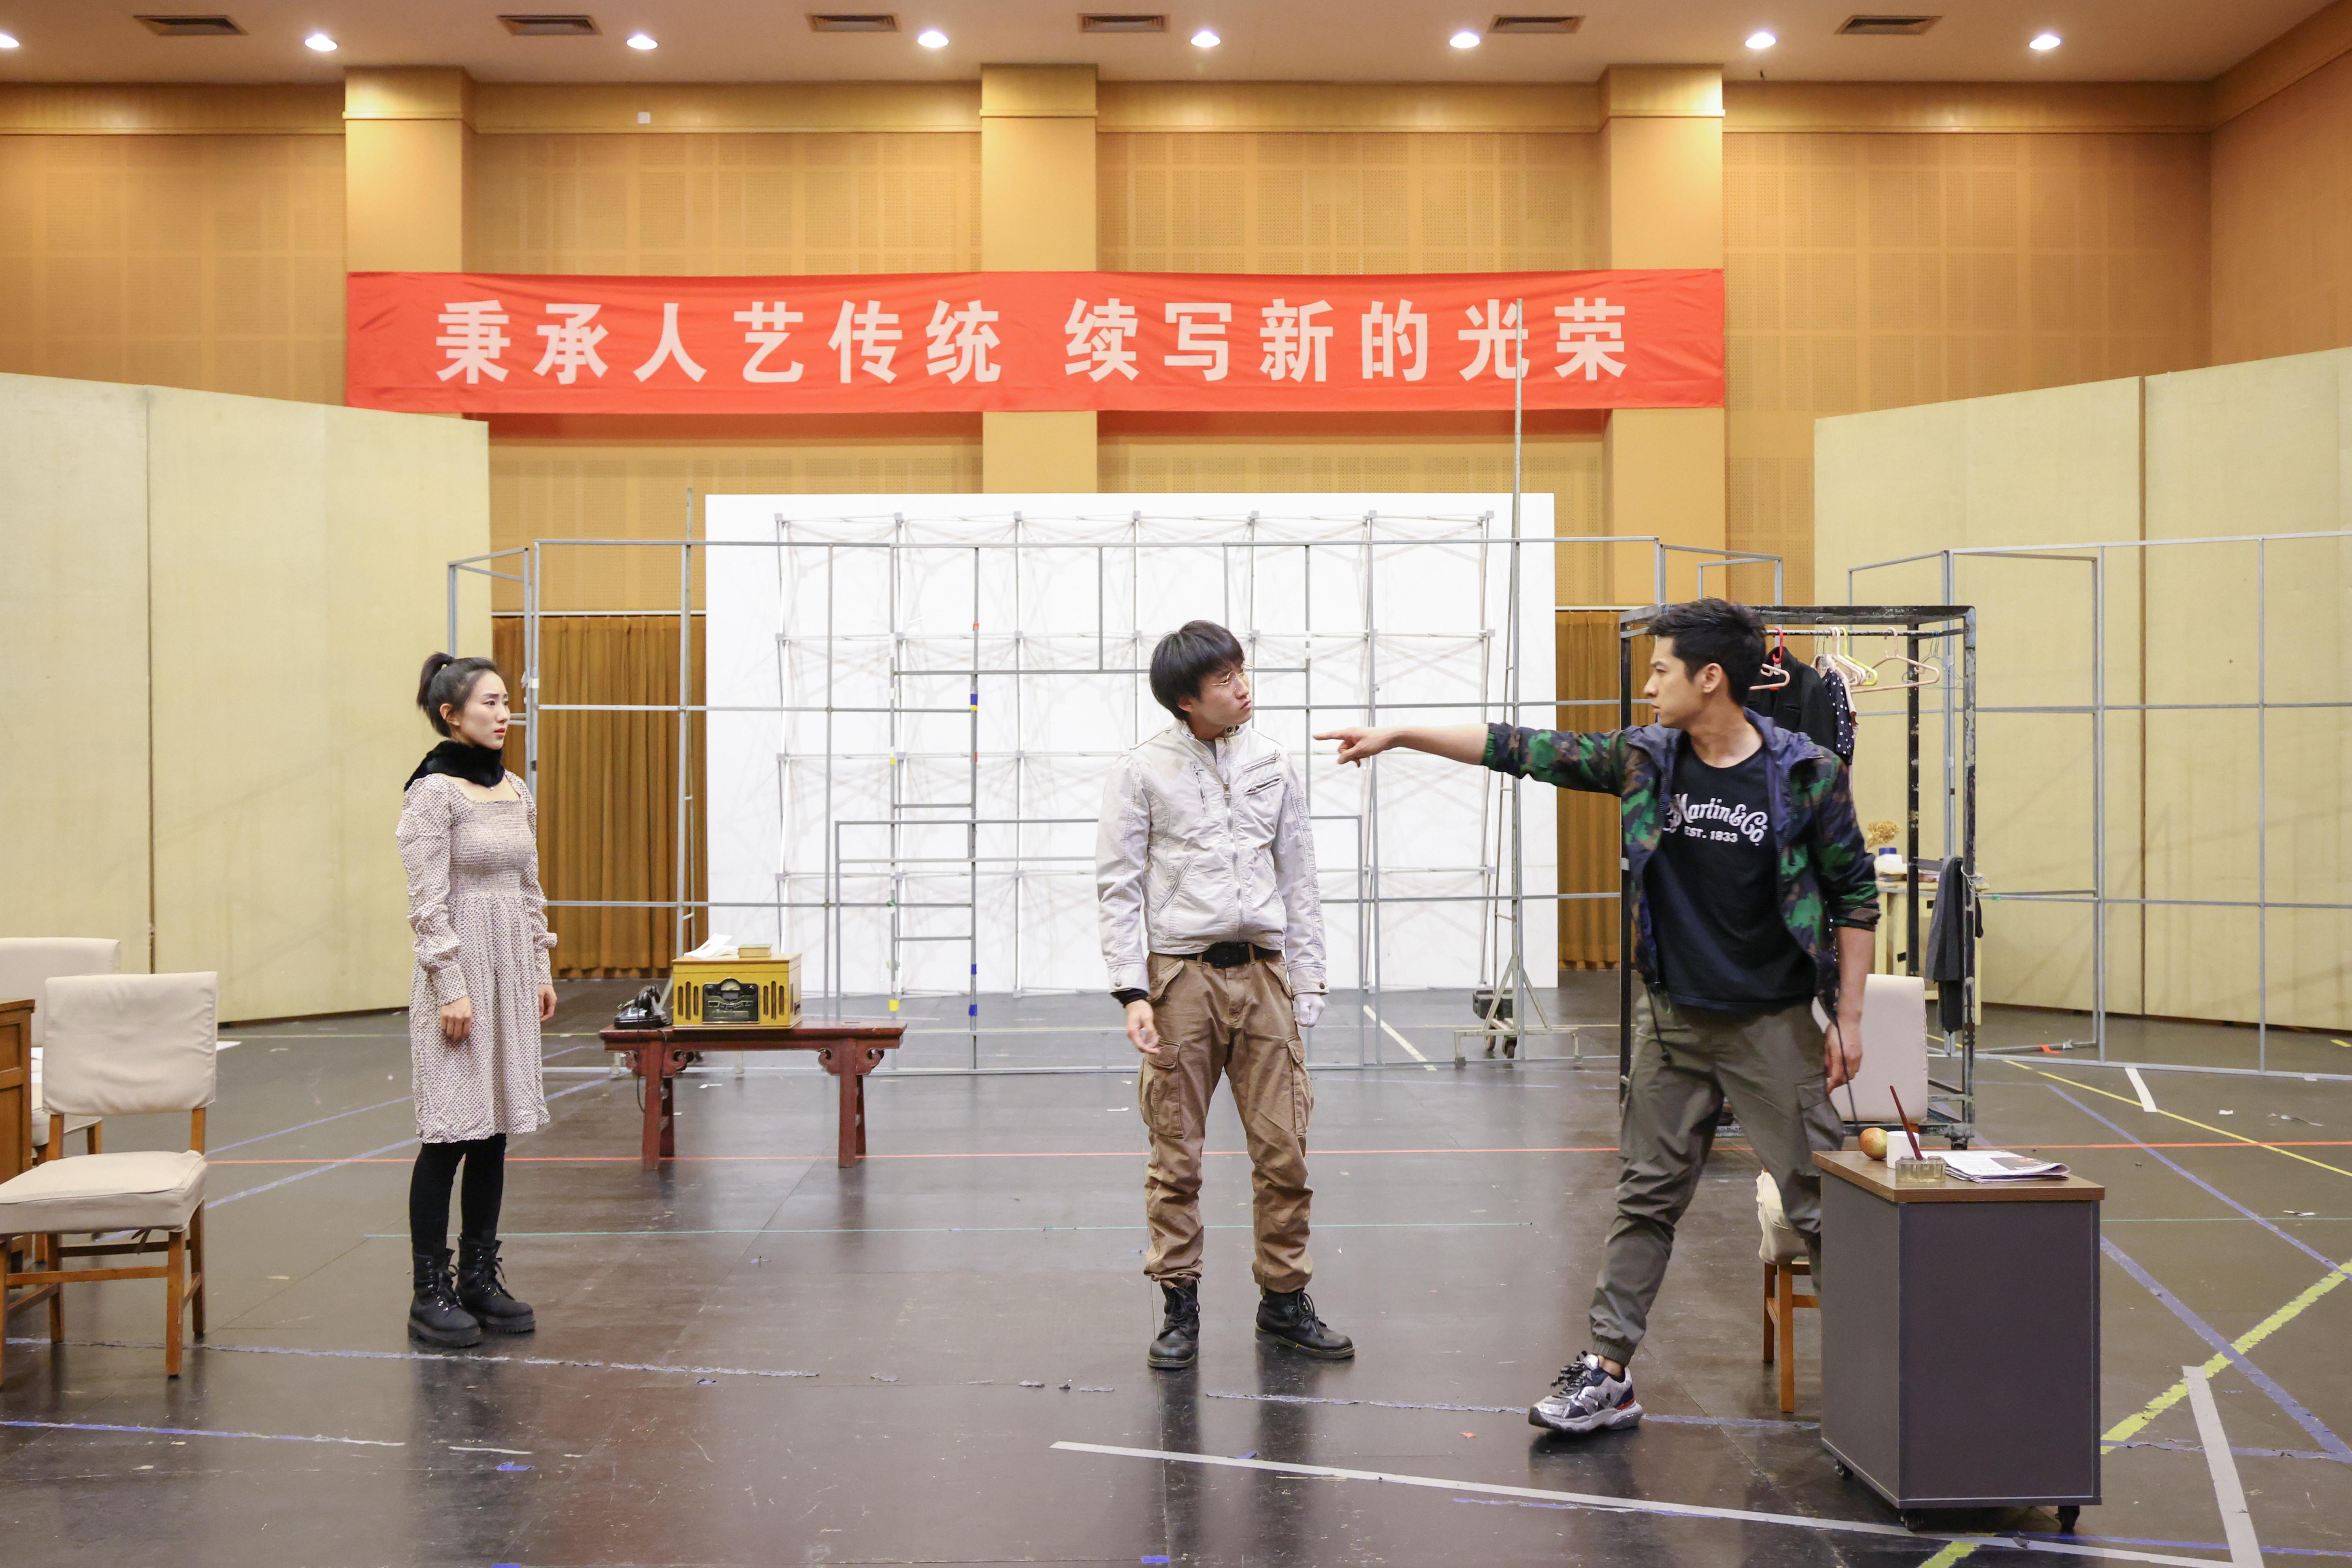 北京人艺的开年新戏,为何选择三个年轻演员?